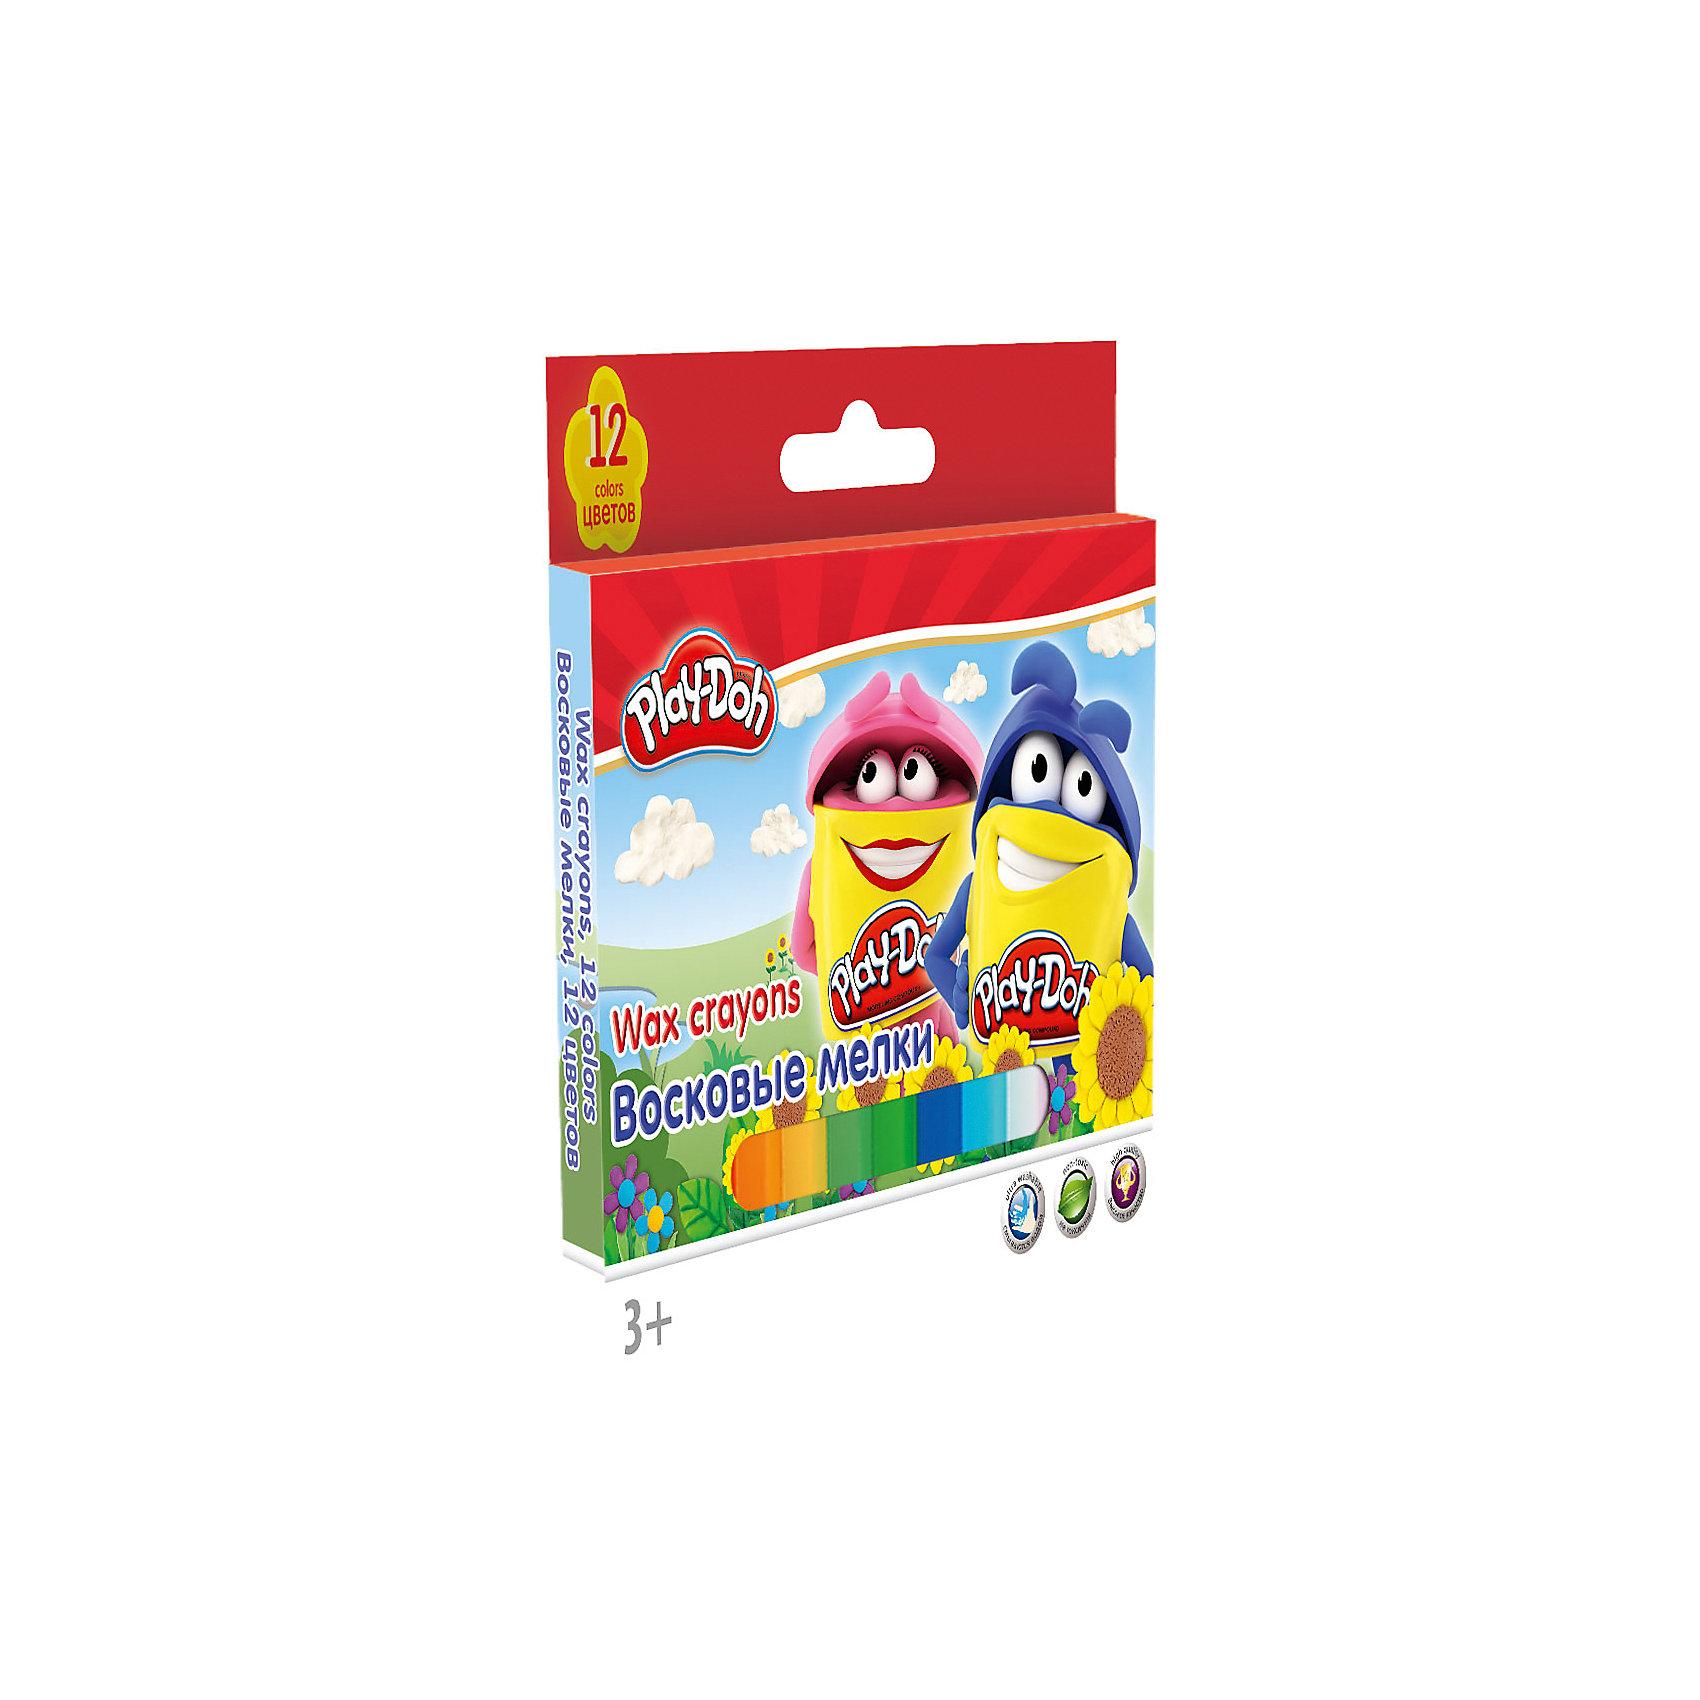 Восковые мелки, 12 шт, Play-DohPlay-Doh<br>Восковые мелки, Play-Doh, замечательно подойдут для рисования на бумаге и картоне. Мелки выполнены в форме карандашей и очень удобны в использовании. Благодаря своей мягкости, они прекрасно рисуют и обладают насыщенными цветами, что помогает создавать яркие<br>картинки. У каждого мелка пластиковый корпус с выдвижным механизмом, что позволяет сохранять руки чистыми. В комплекте 12 разноцветных восковых мелков, упакованных в картонную яркую коробочку с забавным рисунком. <br><br><br>Дополнительная информация:<br><br>- В комплекте: 12 штук.<br>- Размер упаковки: 12,5 х 1 x 13 см.<br>- Вес: 113 гр.<br><br>Восковые мелки, 12 шт., Play-Doh, можно купить в нашем интернет-магазине.<br><br>Ширина мм: 125<br>Глубина мм: 10<br>Высота мм: 130<br>Вес г: 113<br>Возраст от месяцев: 36<br>Возраст до месяцев: 72<br>Пол: Унисекс<br>Возраст: Детский<br>SKU: 4681135